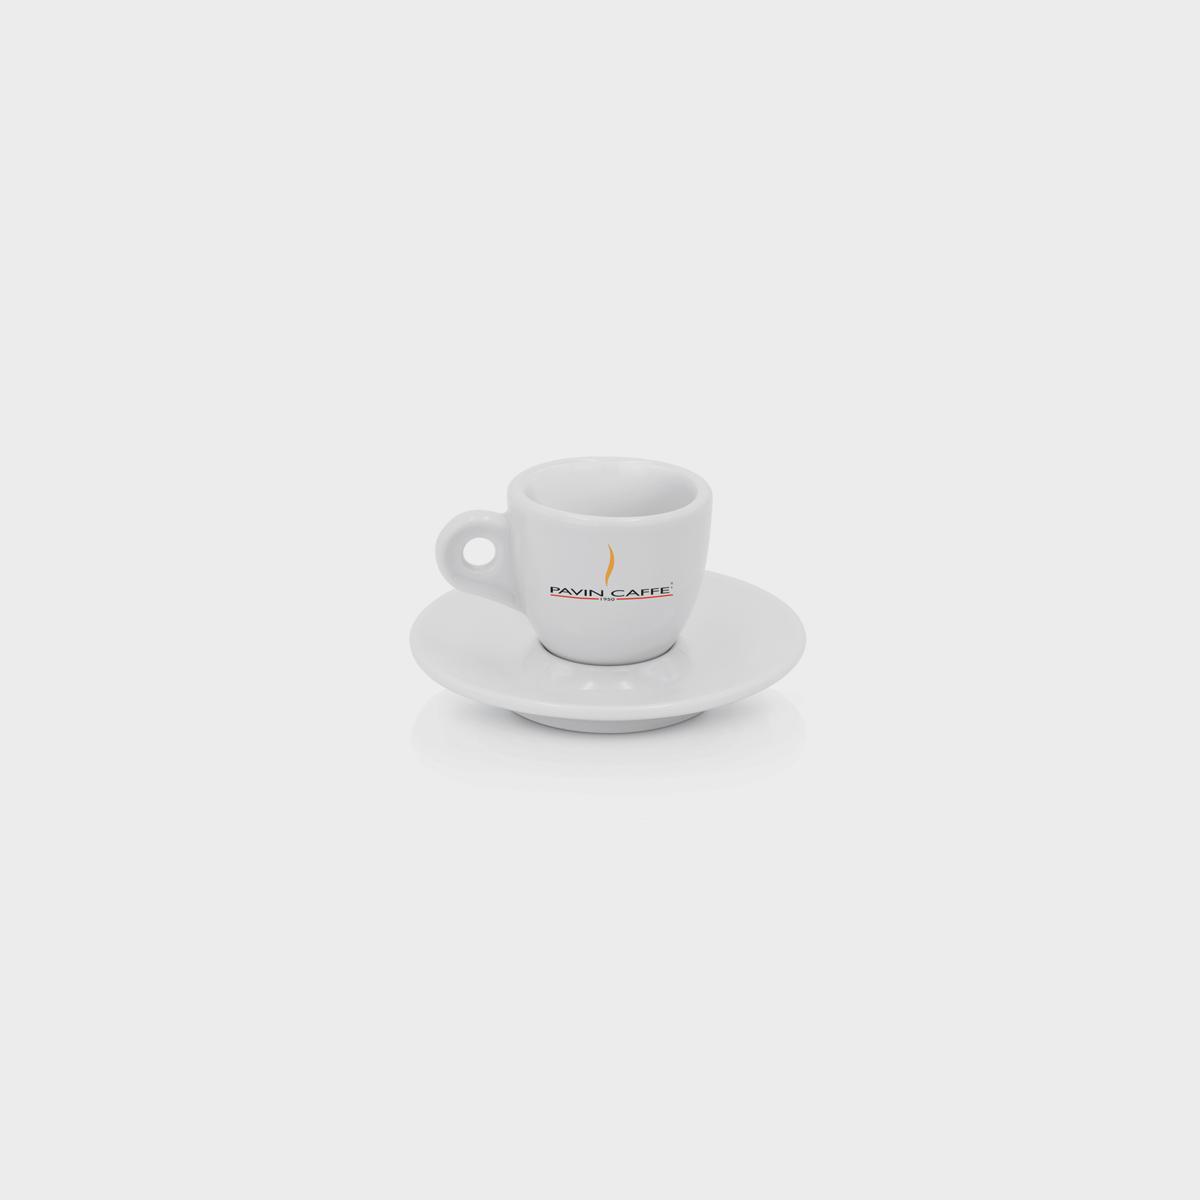 tazza-tonda-espresso-pavin-caffe